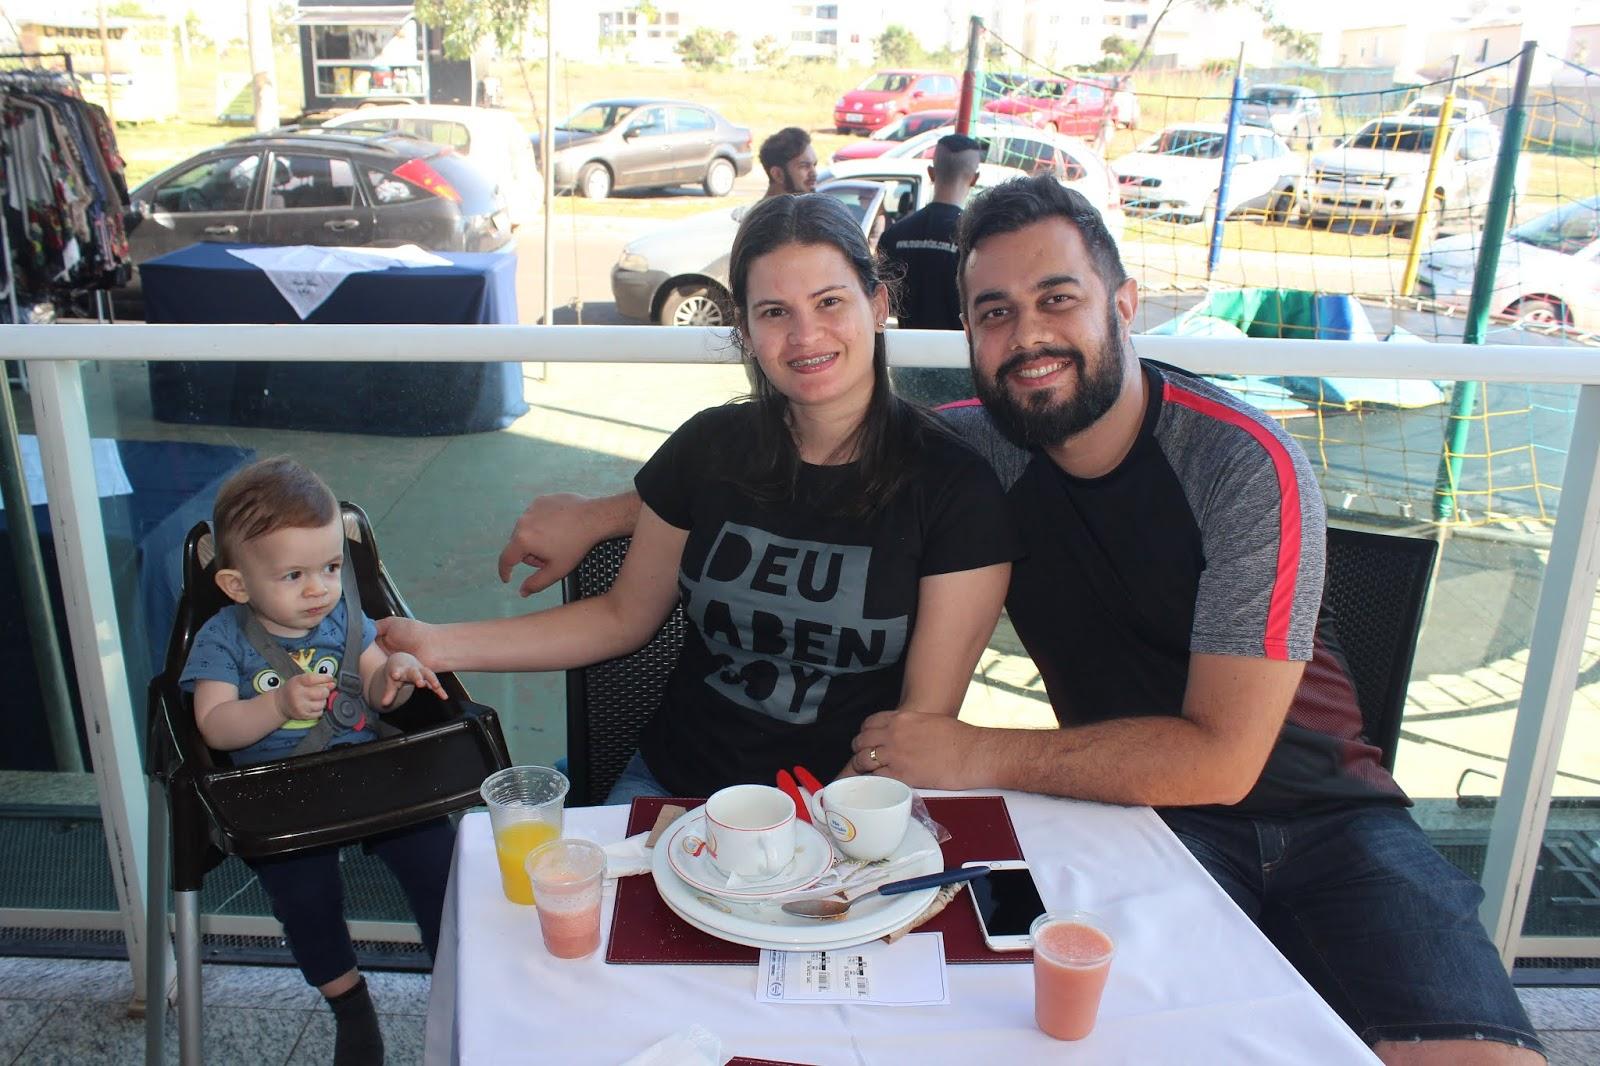 IMG 3638 - Dia 12 de maio dia das Mães no Jardins Mangueiral foi com muta diverção e alegria com um lindo café da manha